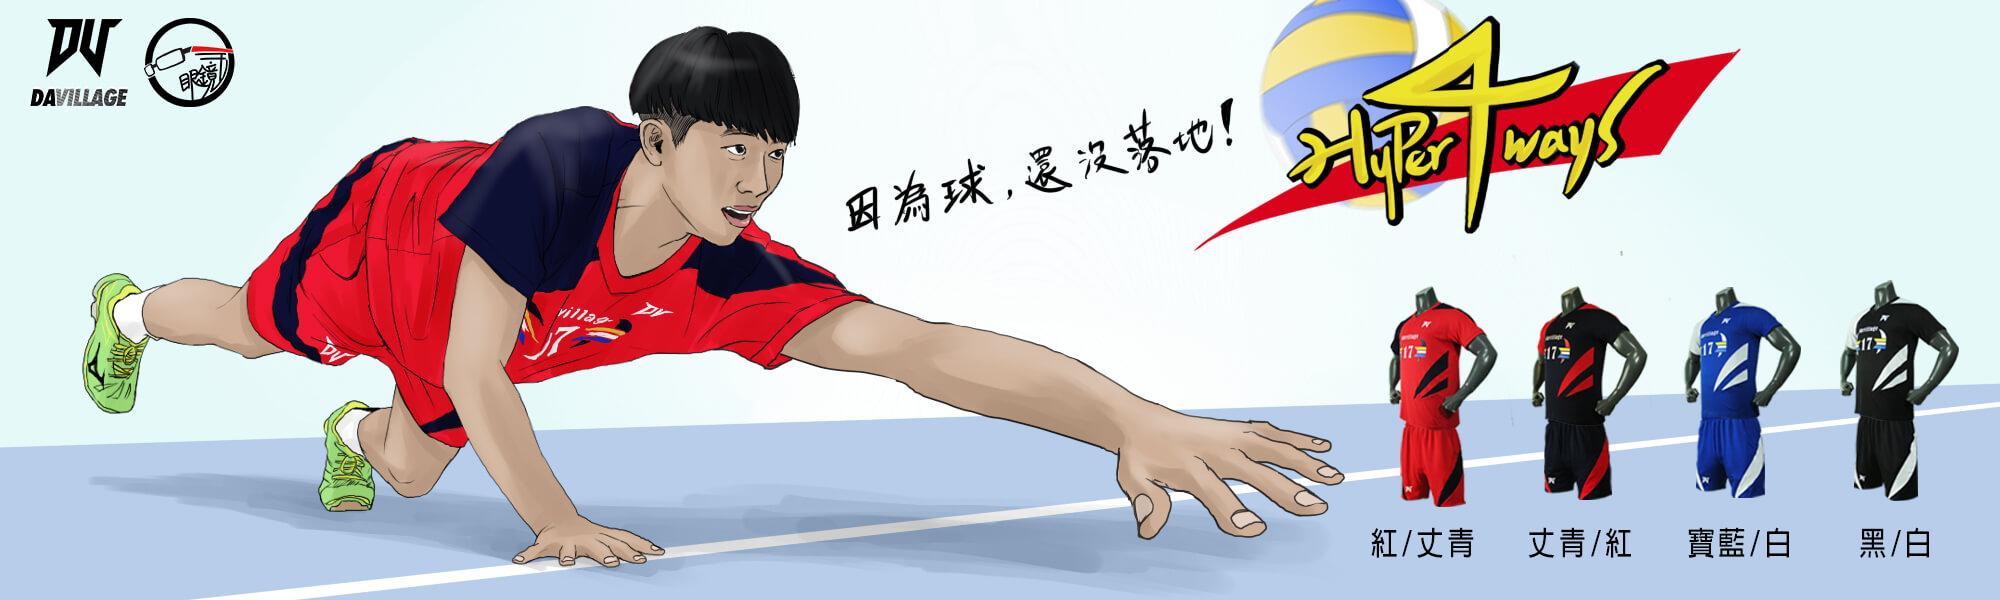 banner-uniform-volleyball-hoopstar4-20160703-01